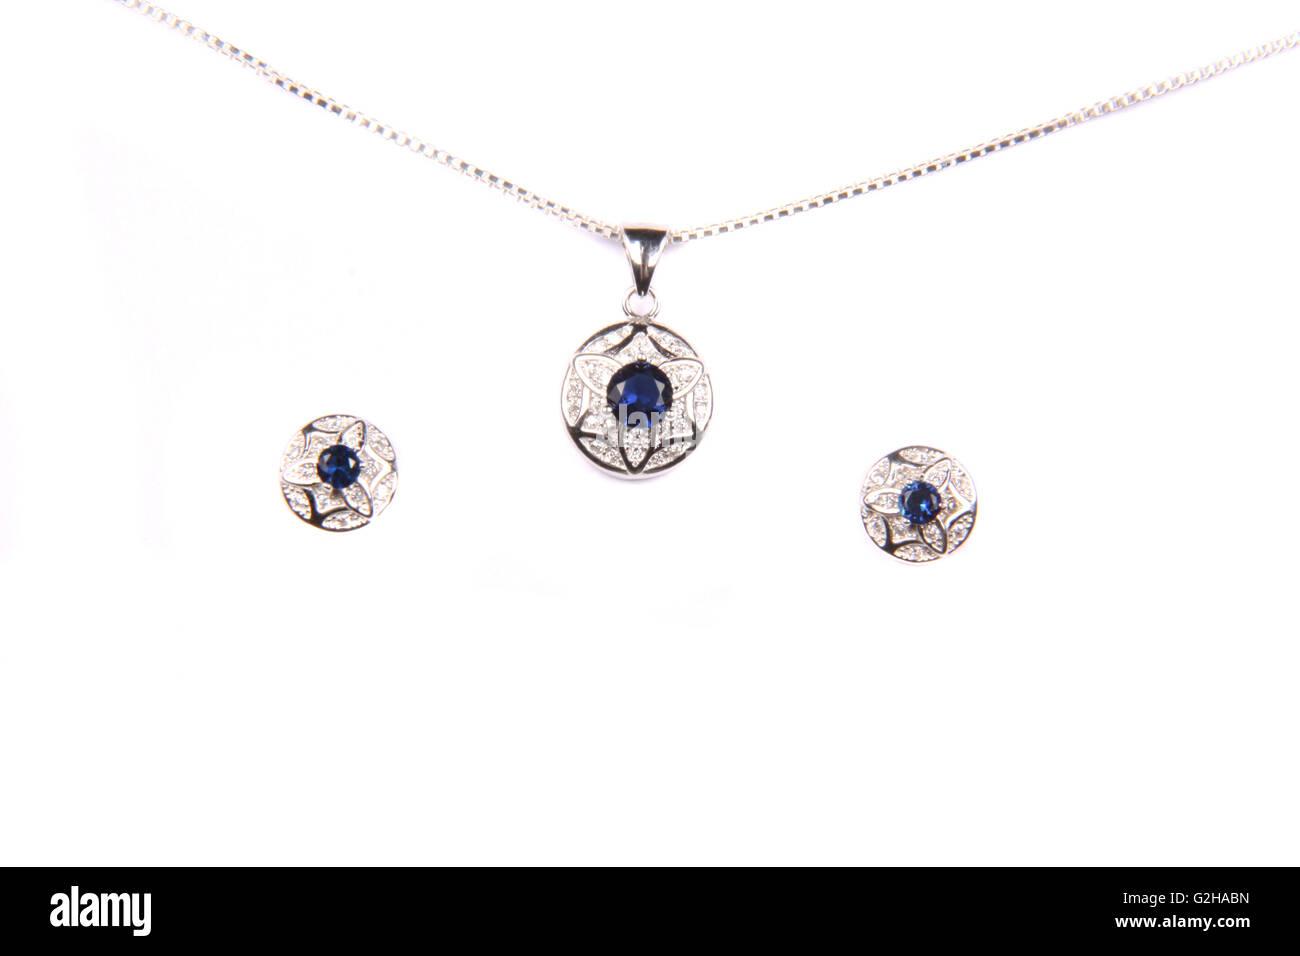 f630d082a09f Ein schönes Schmuck-Set silberne und blaue Edelsteine, bestehend aus einer  Kette, Anhänger und Ohrringe gemacht.